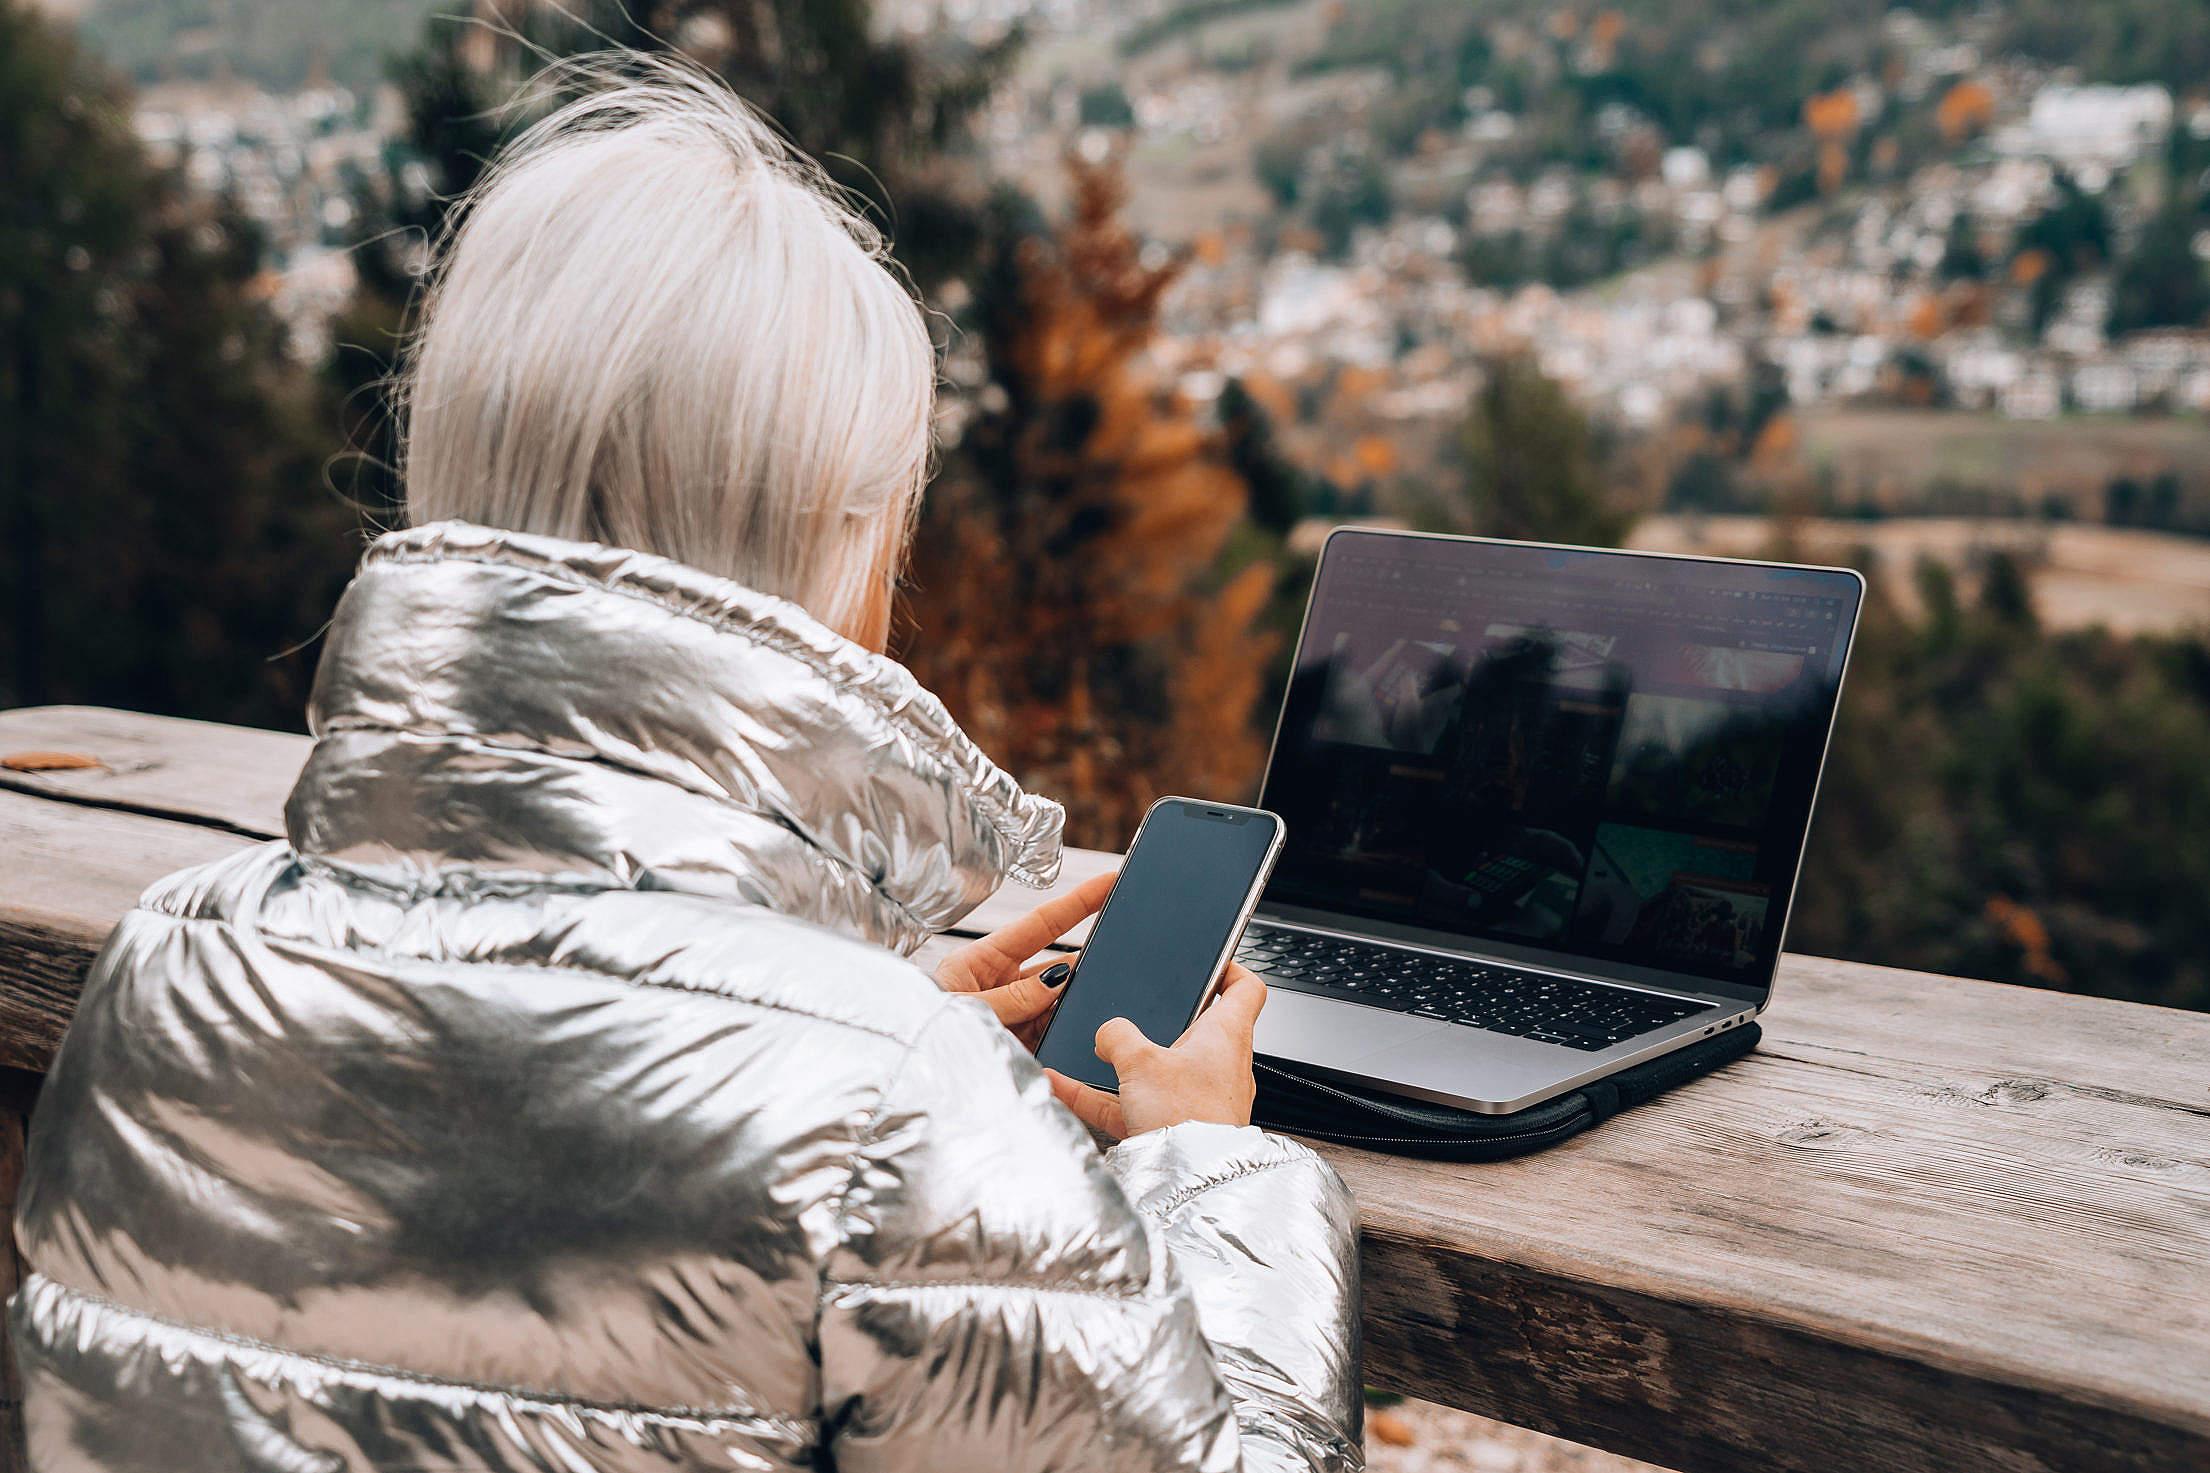 Imagen que contiene computer, persona, exterior, computadora  Descripción generada automáticamente